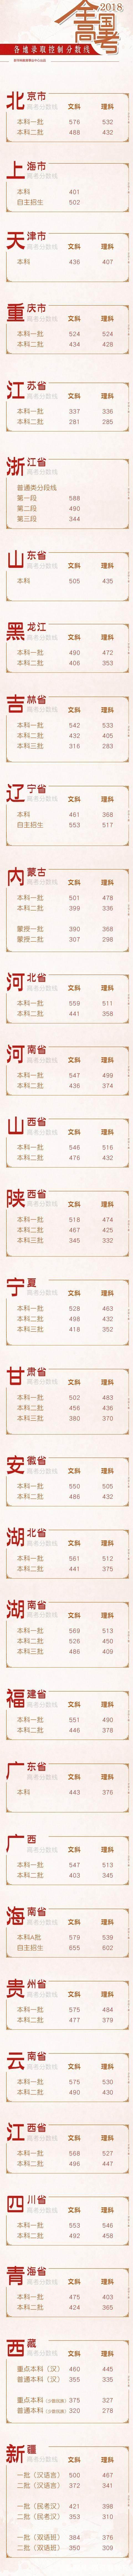 2018年北京大学在各省录取分数线大汇总,看看超了一本线多少分!